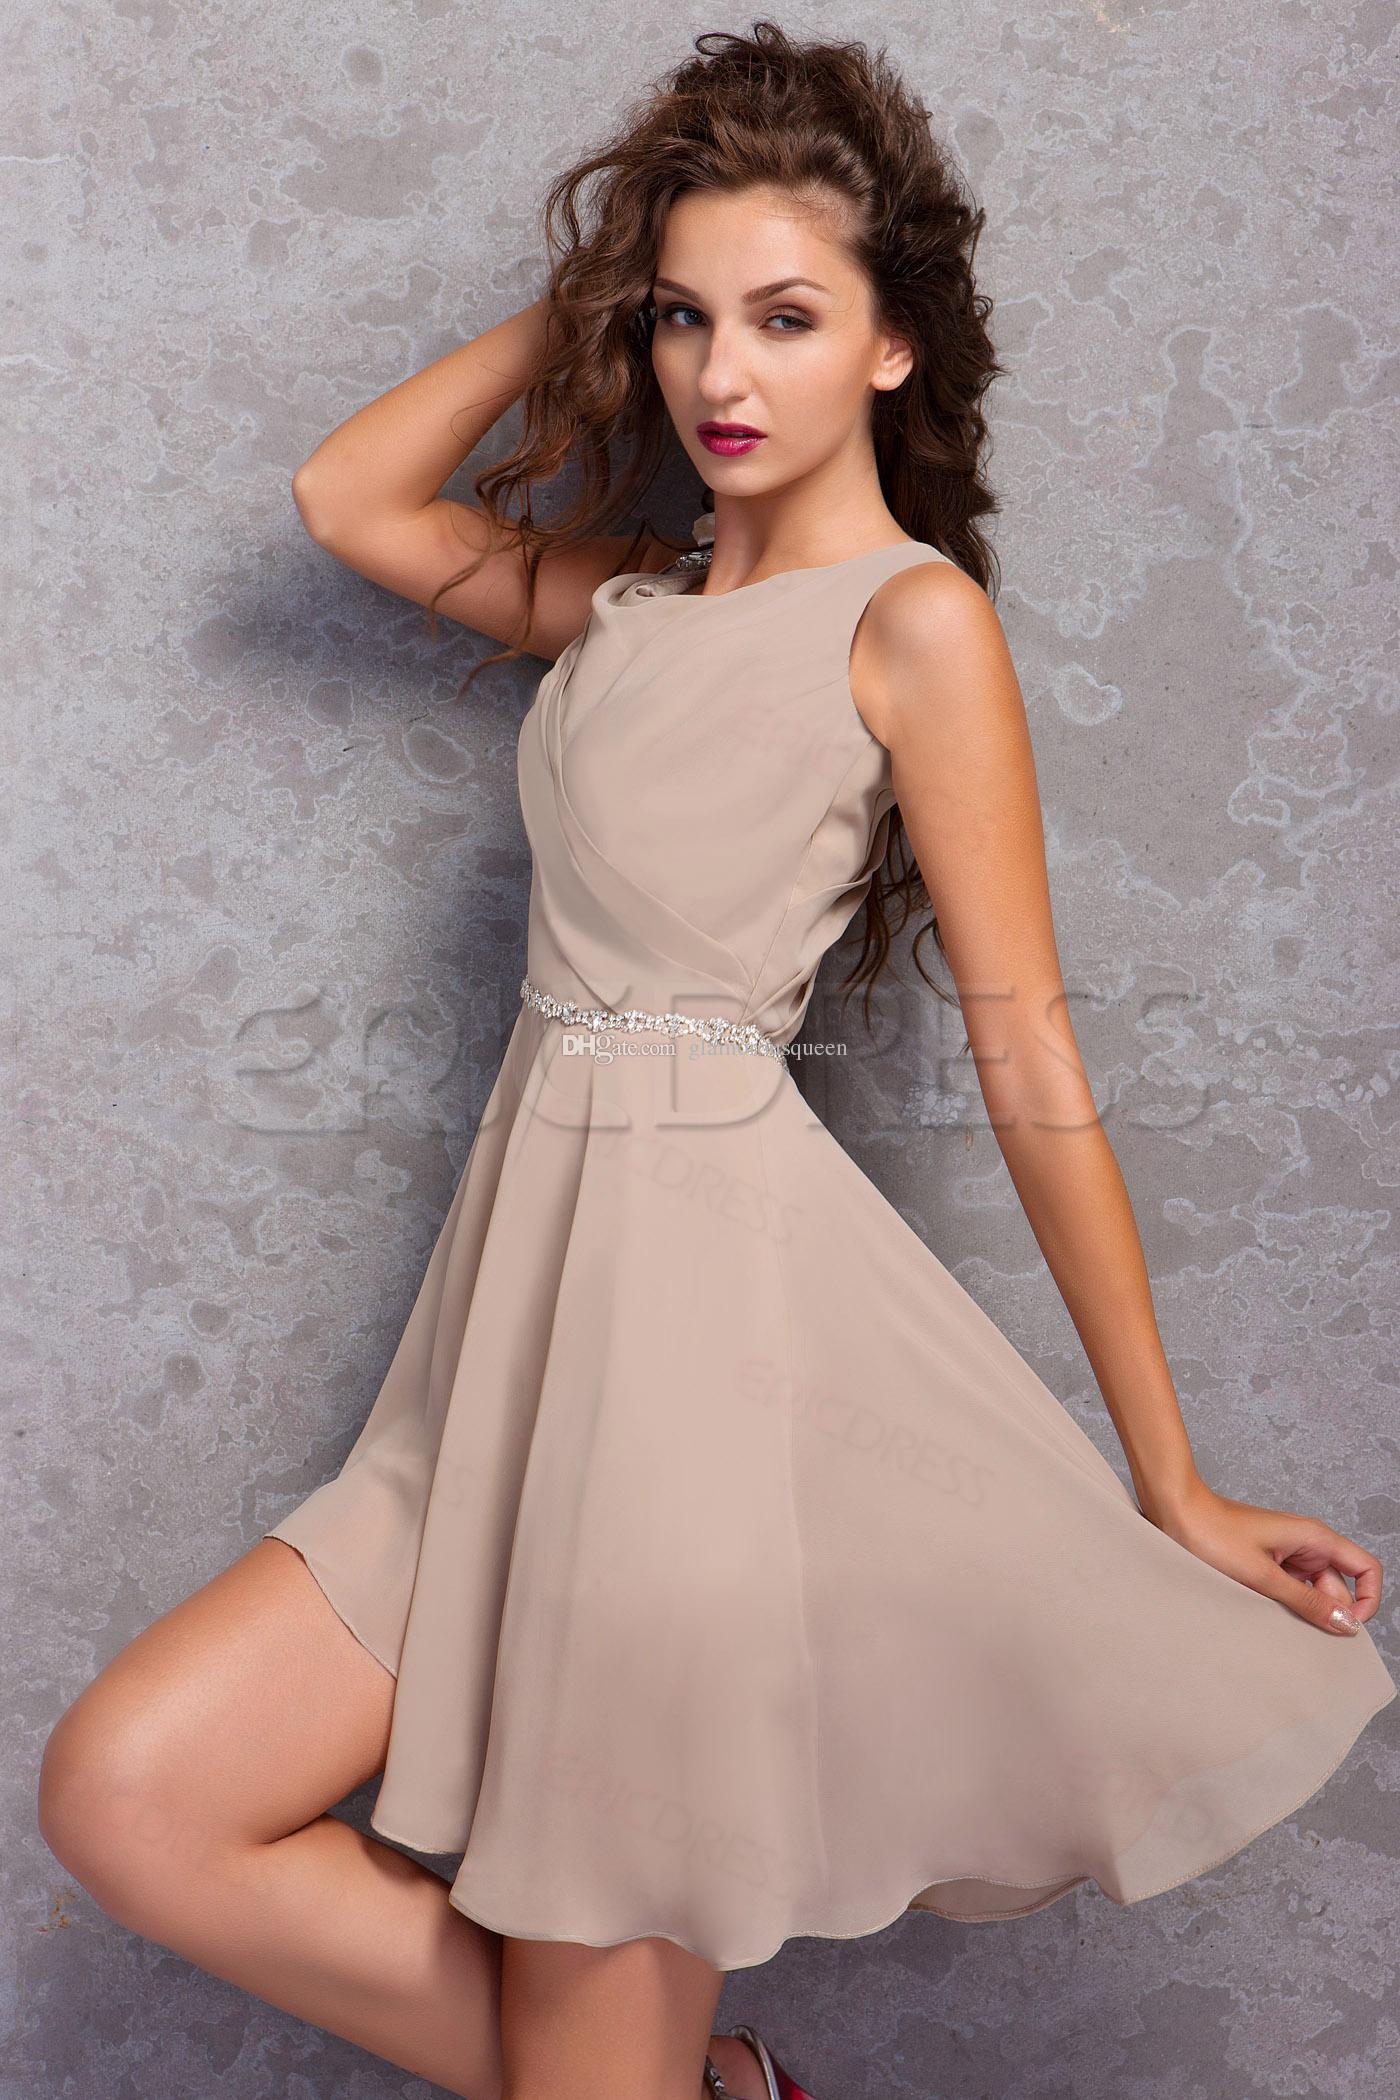 Top Sprzedaż linii spaghetti pasy asymetryczne spódnicy Sukienki do domu Krótki Szyfonowy Sukienki Krótkie Prom Cocktail